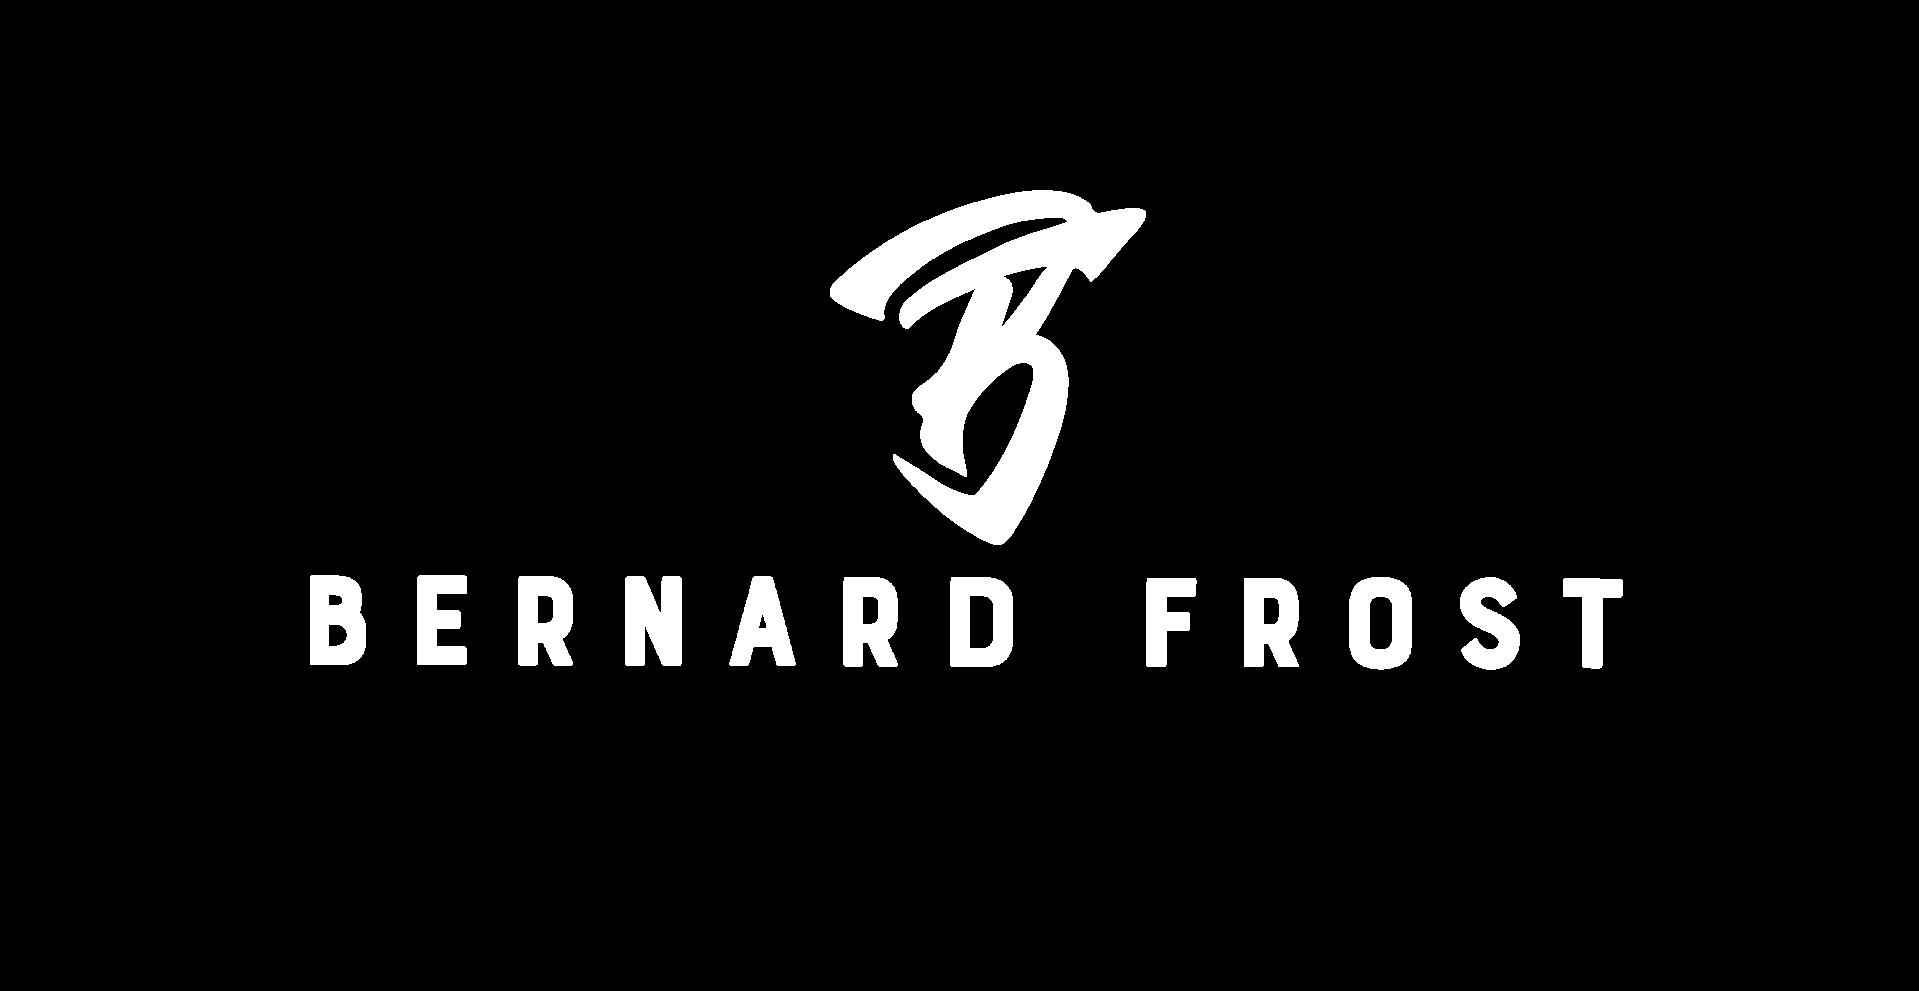 Bernard Frost